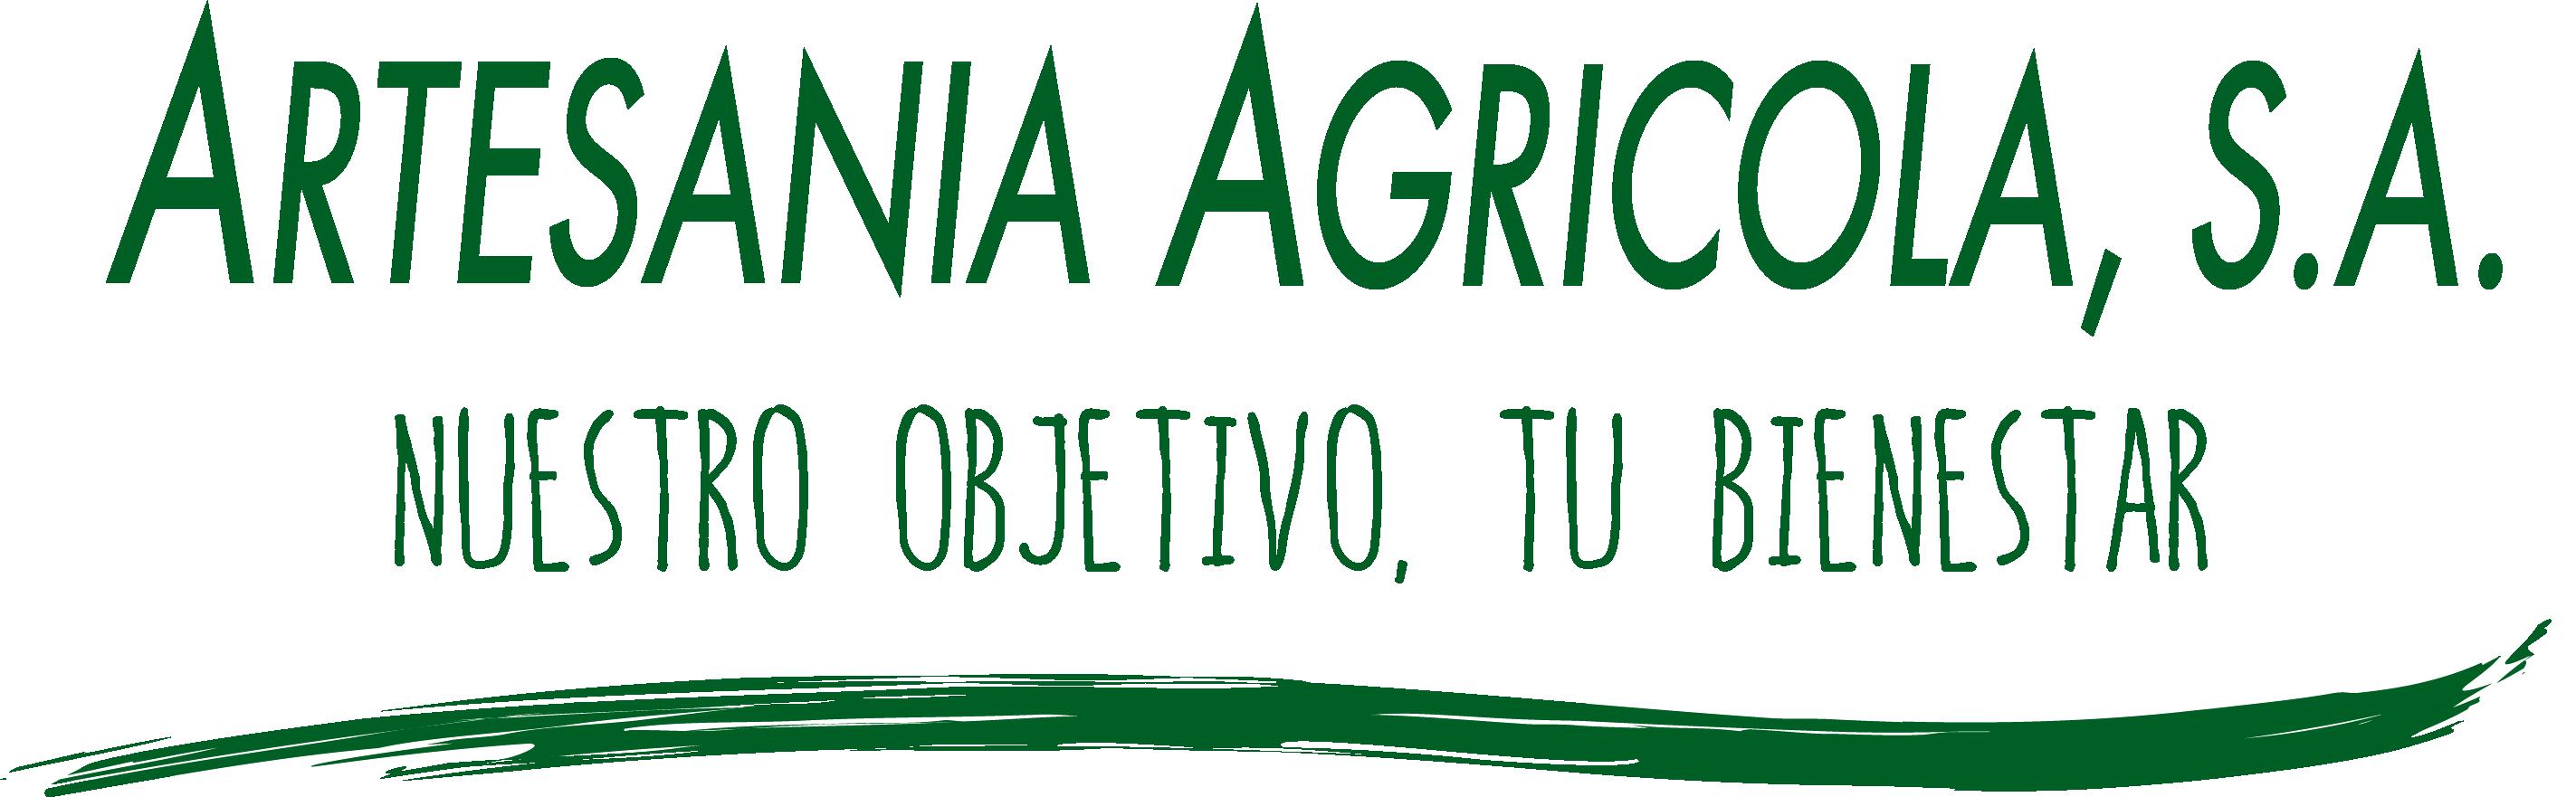 https://campaign-image.com/zohocampaigns/46489000012726072_logo_artesania_con_claim_(1).png